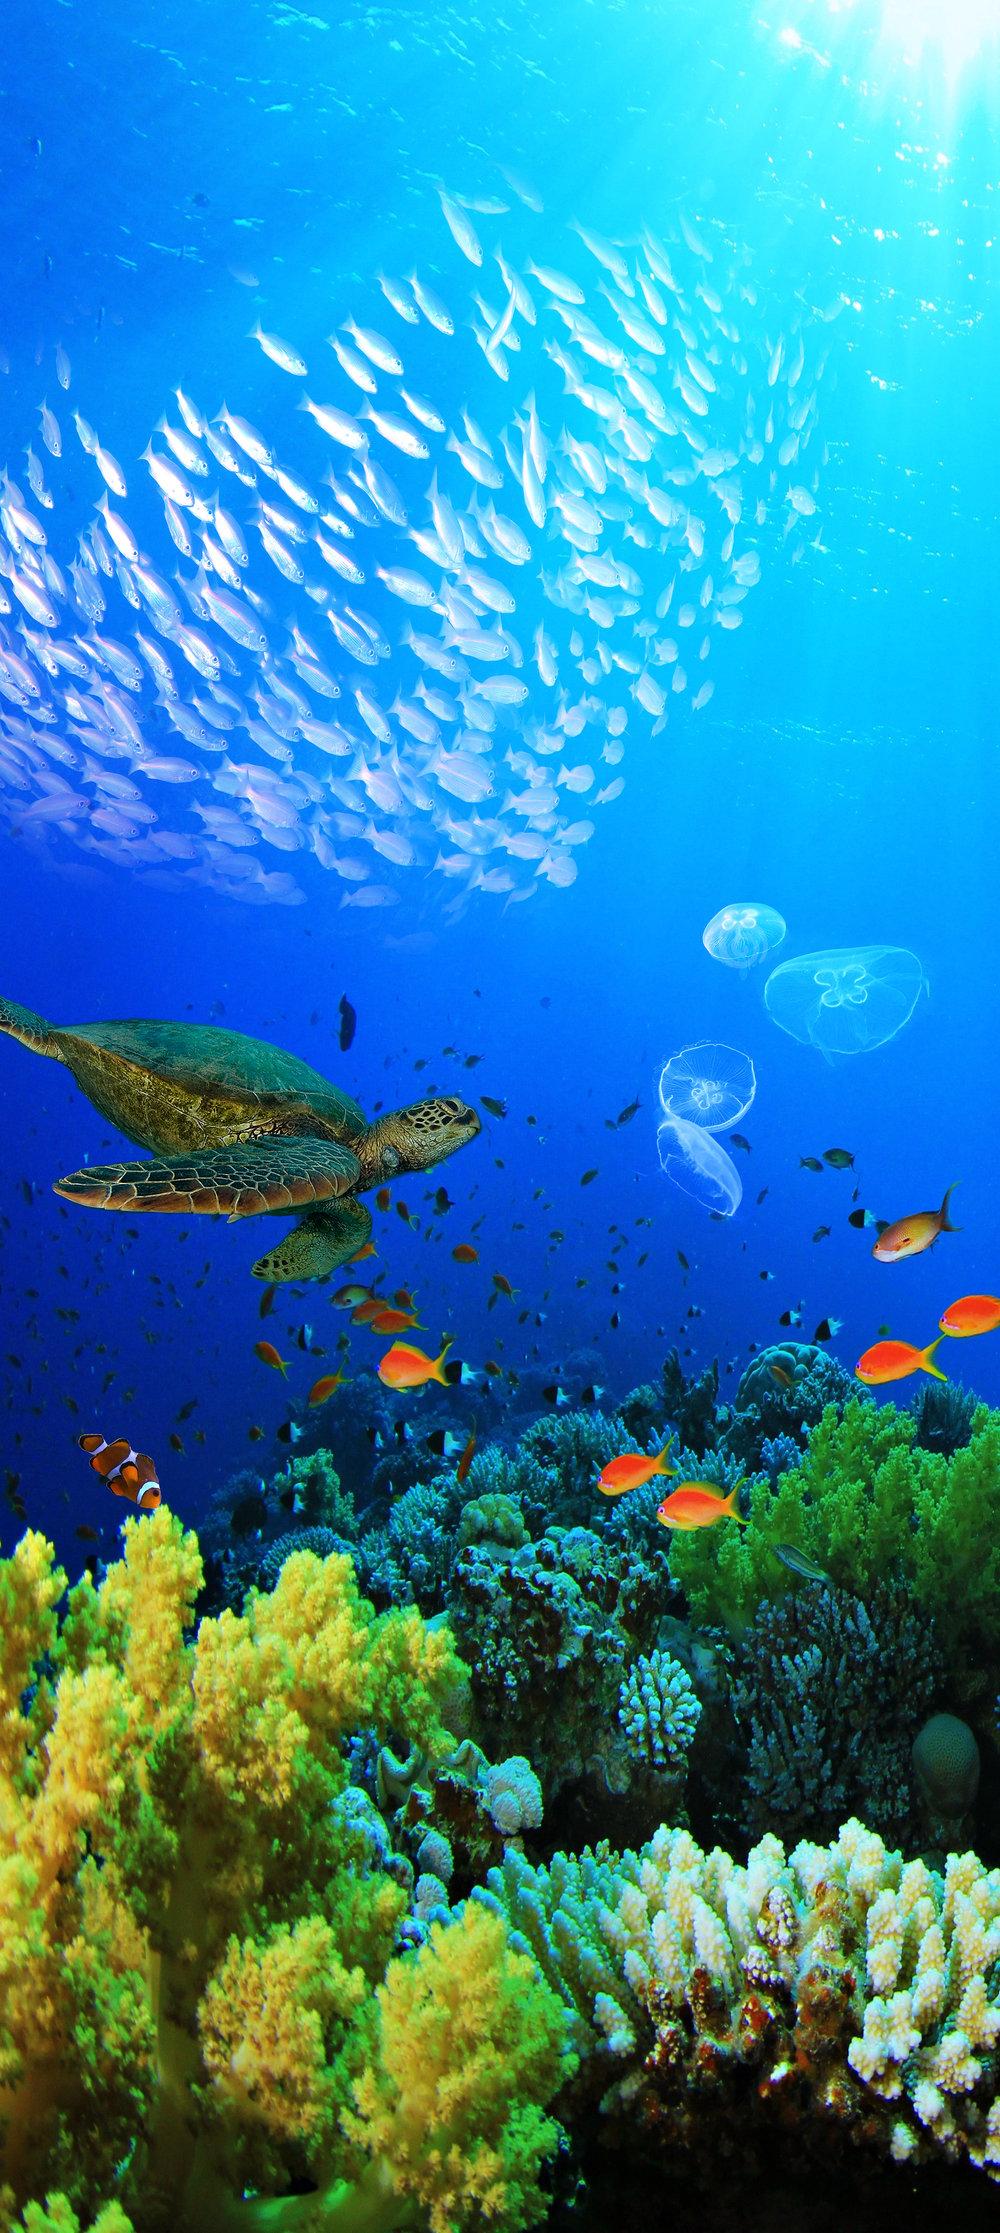 Underwater2 small.jpg